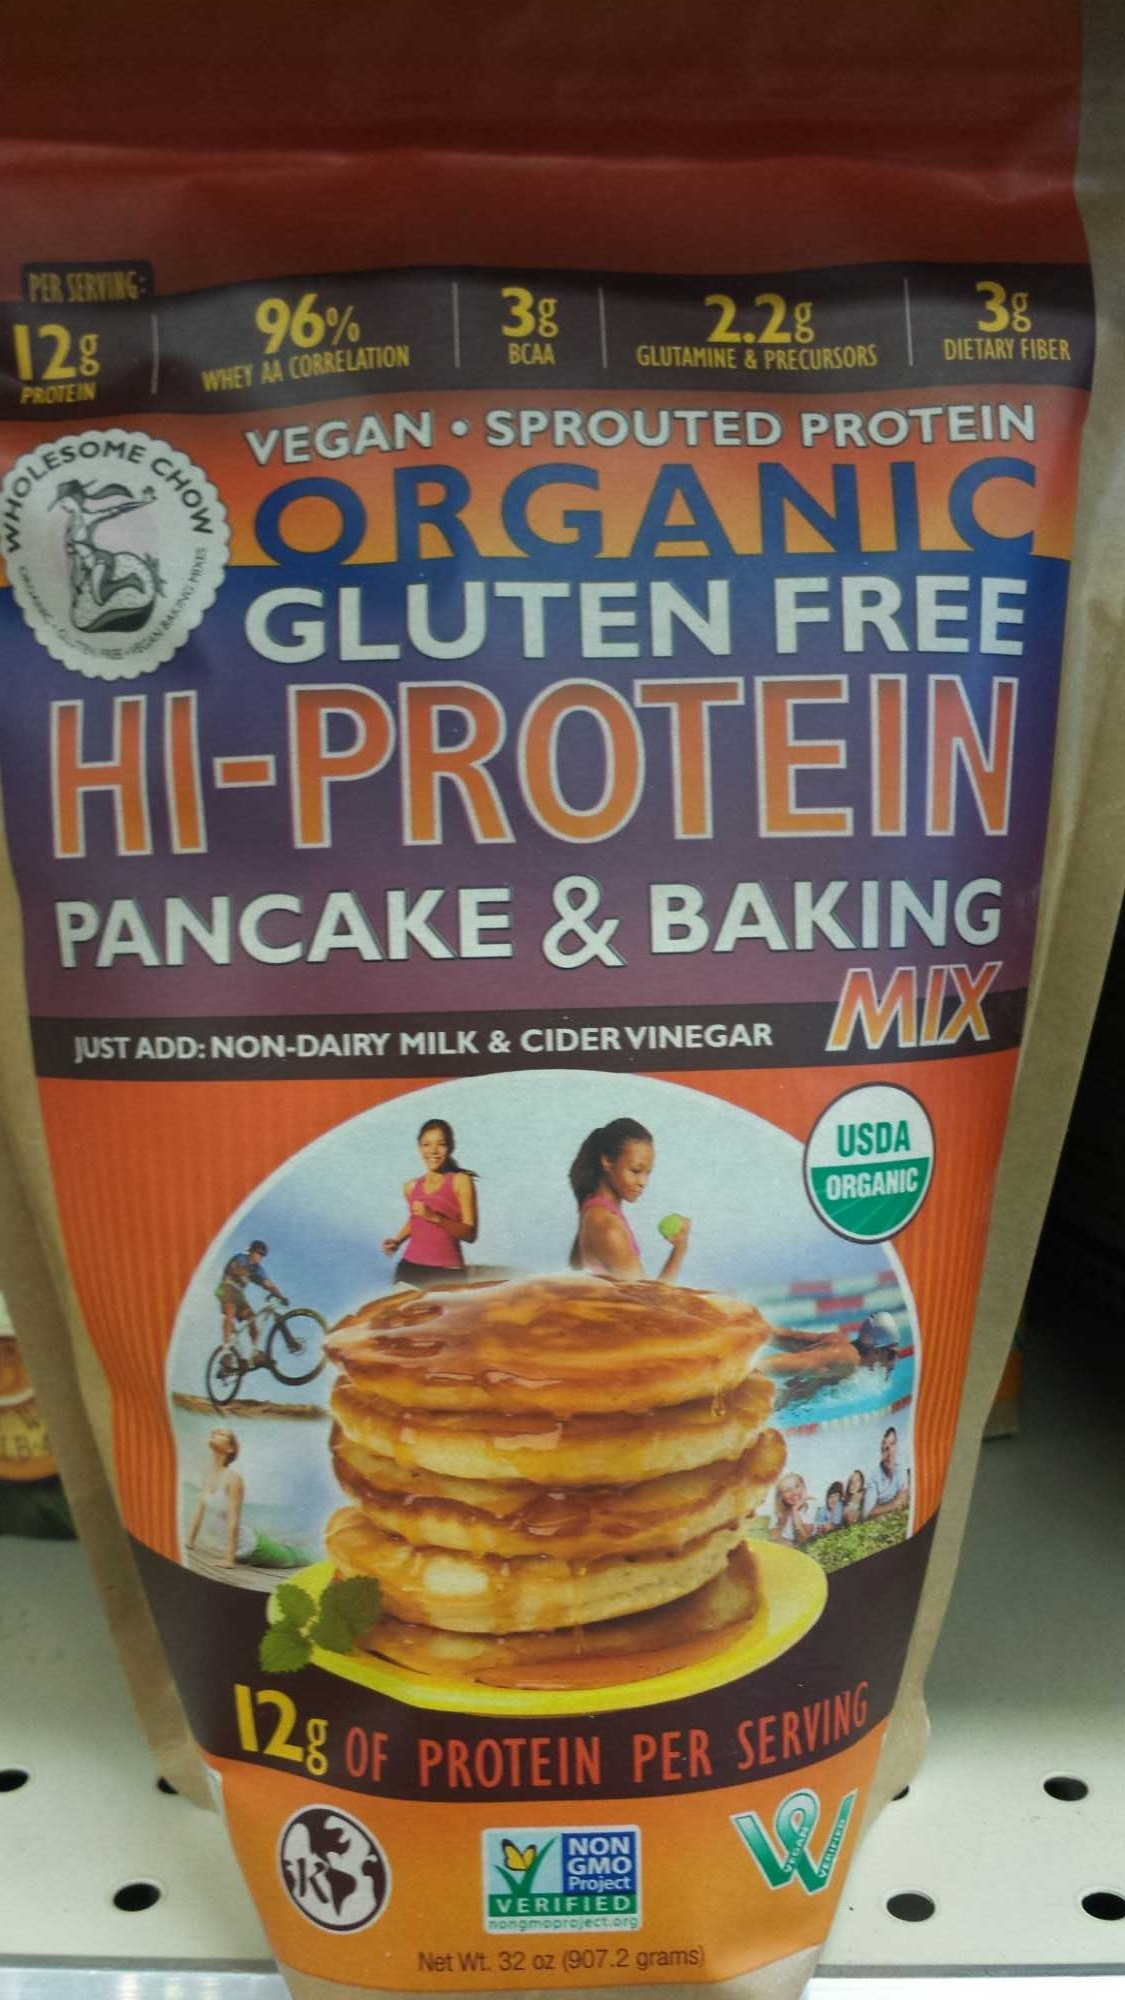 Hi - protein Pancake & Baking Mix - Product - en